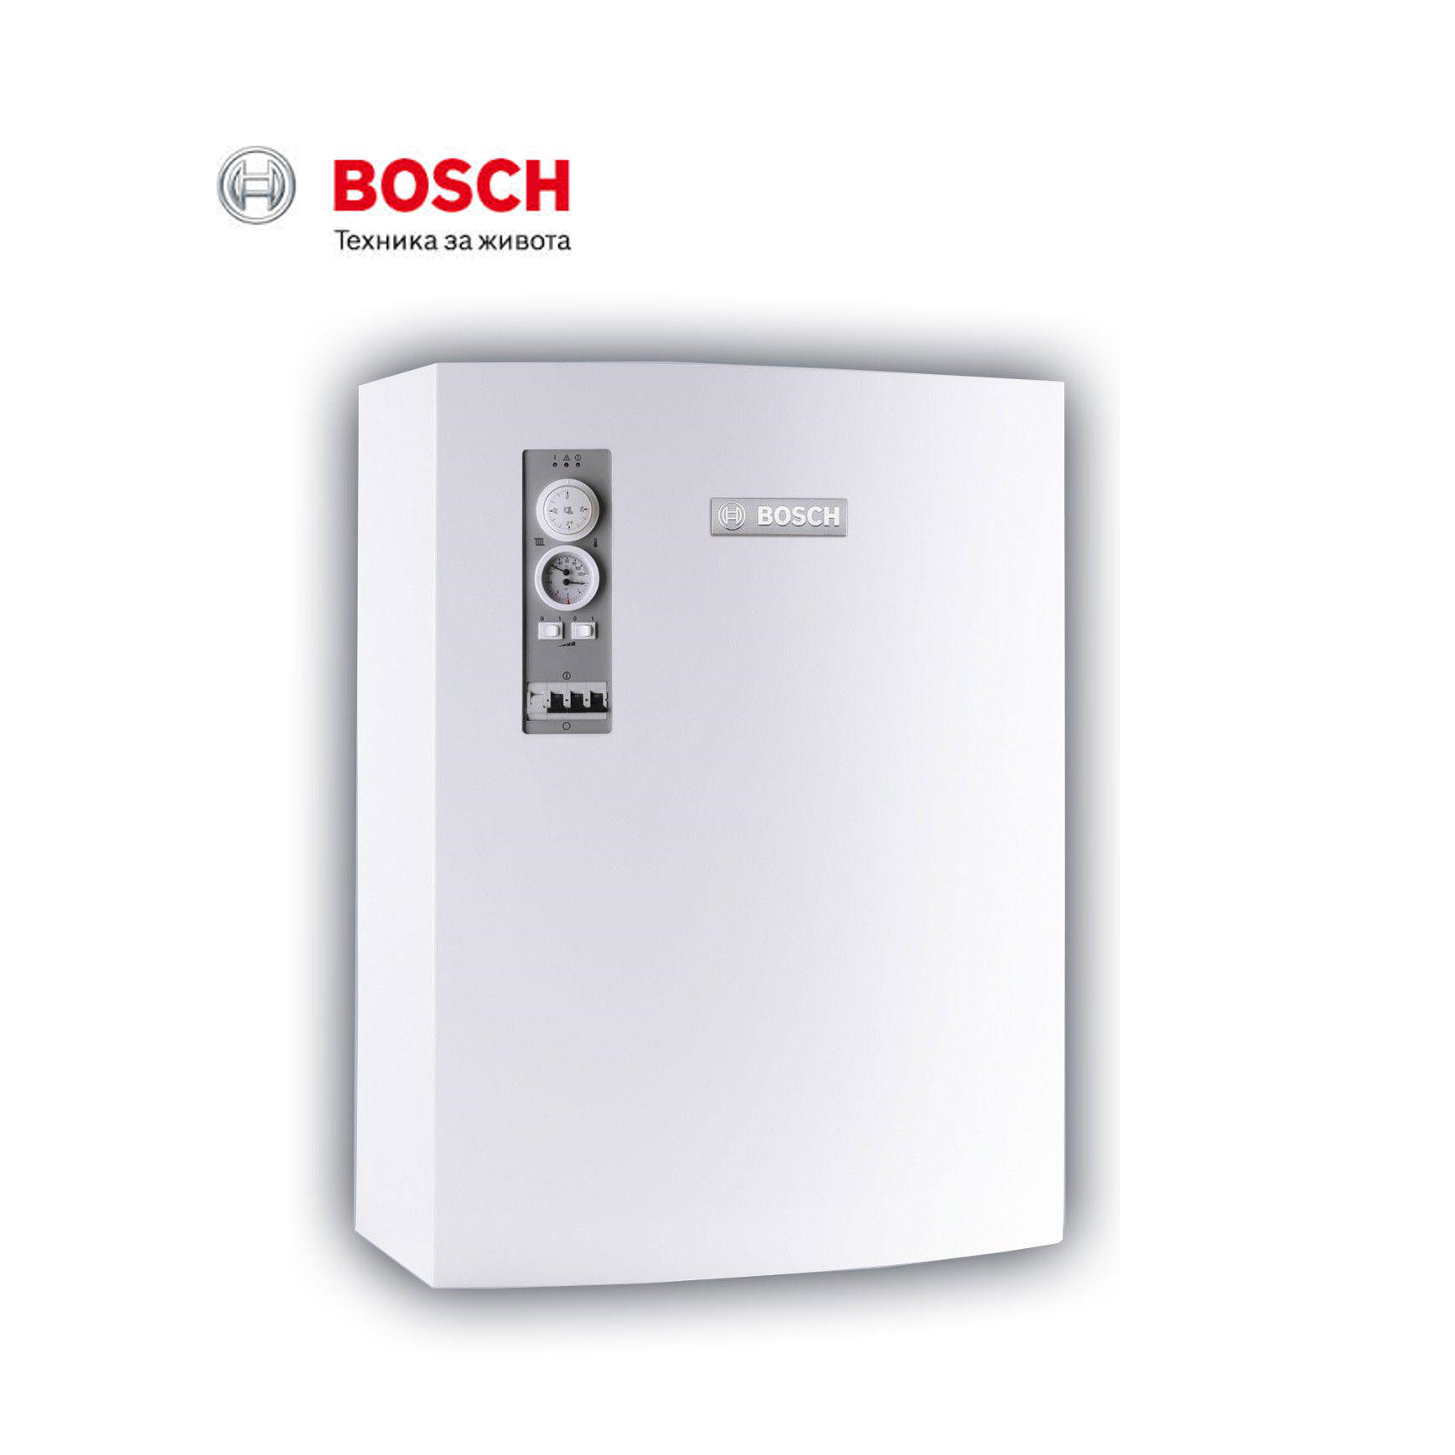 Електрически котел BOSCH Tronic 5000H